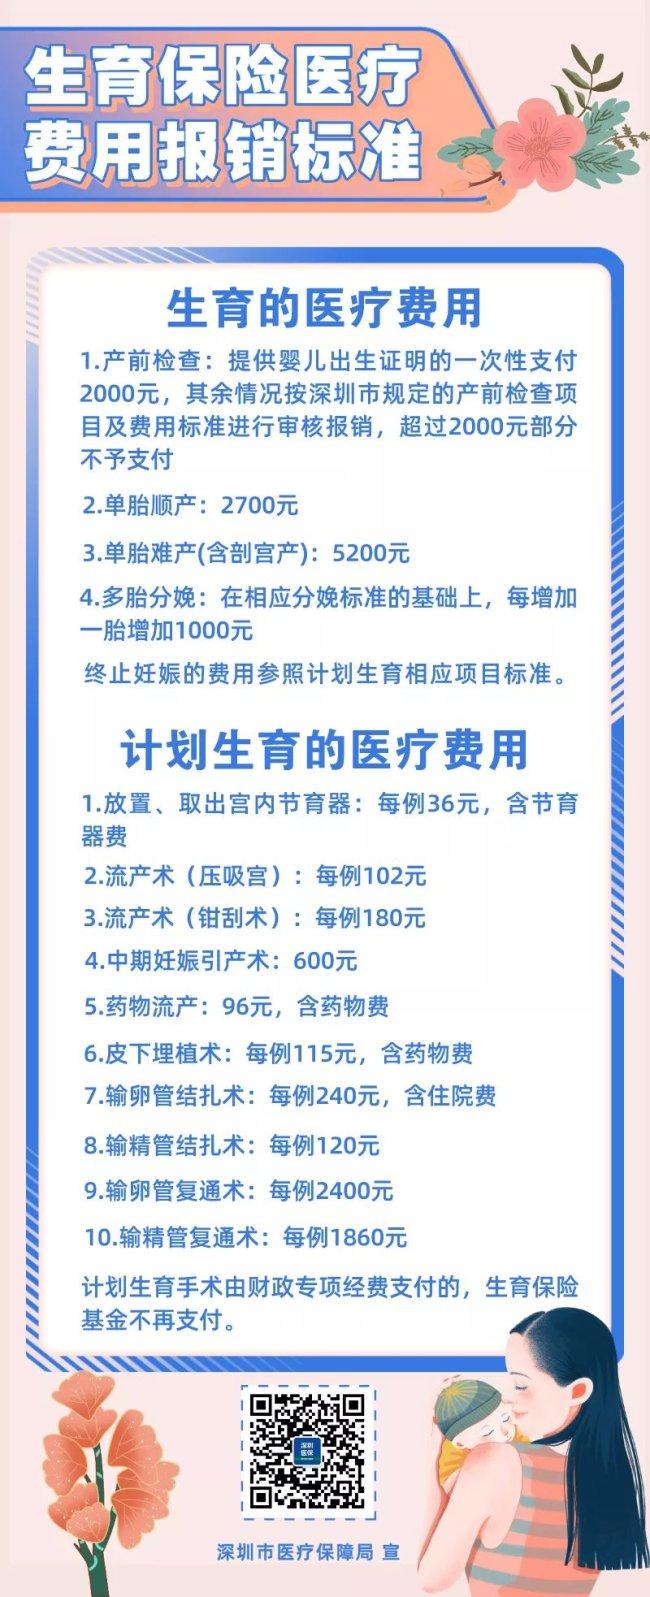 深圳生育医疗费用一次性定额报销标准是怎样规定的?